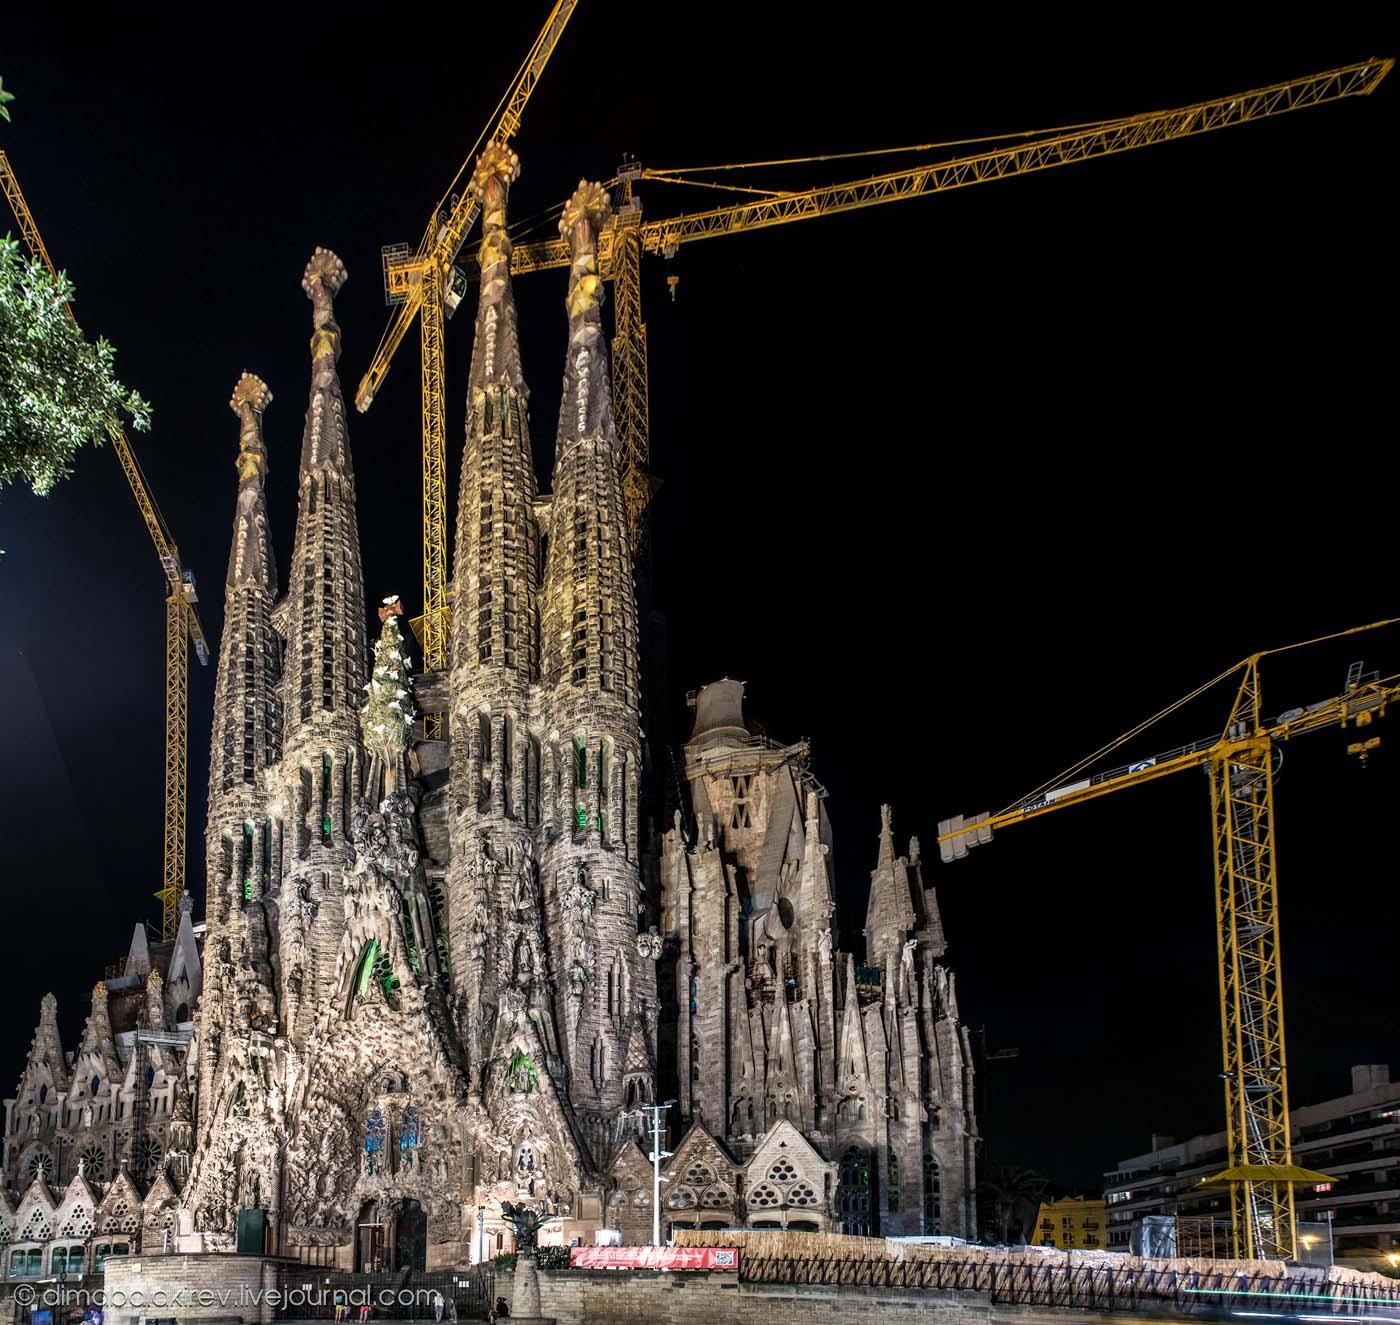 Sagrada Familia или Храме Святого Семейства